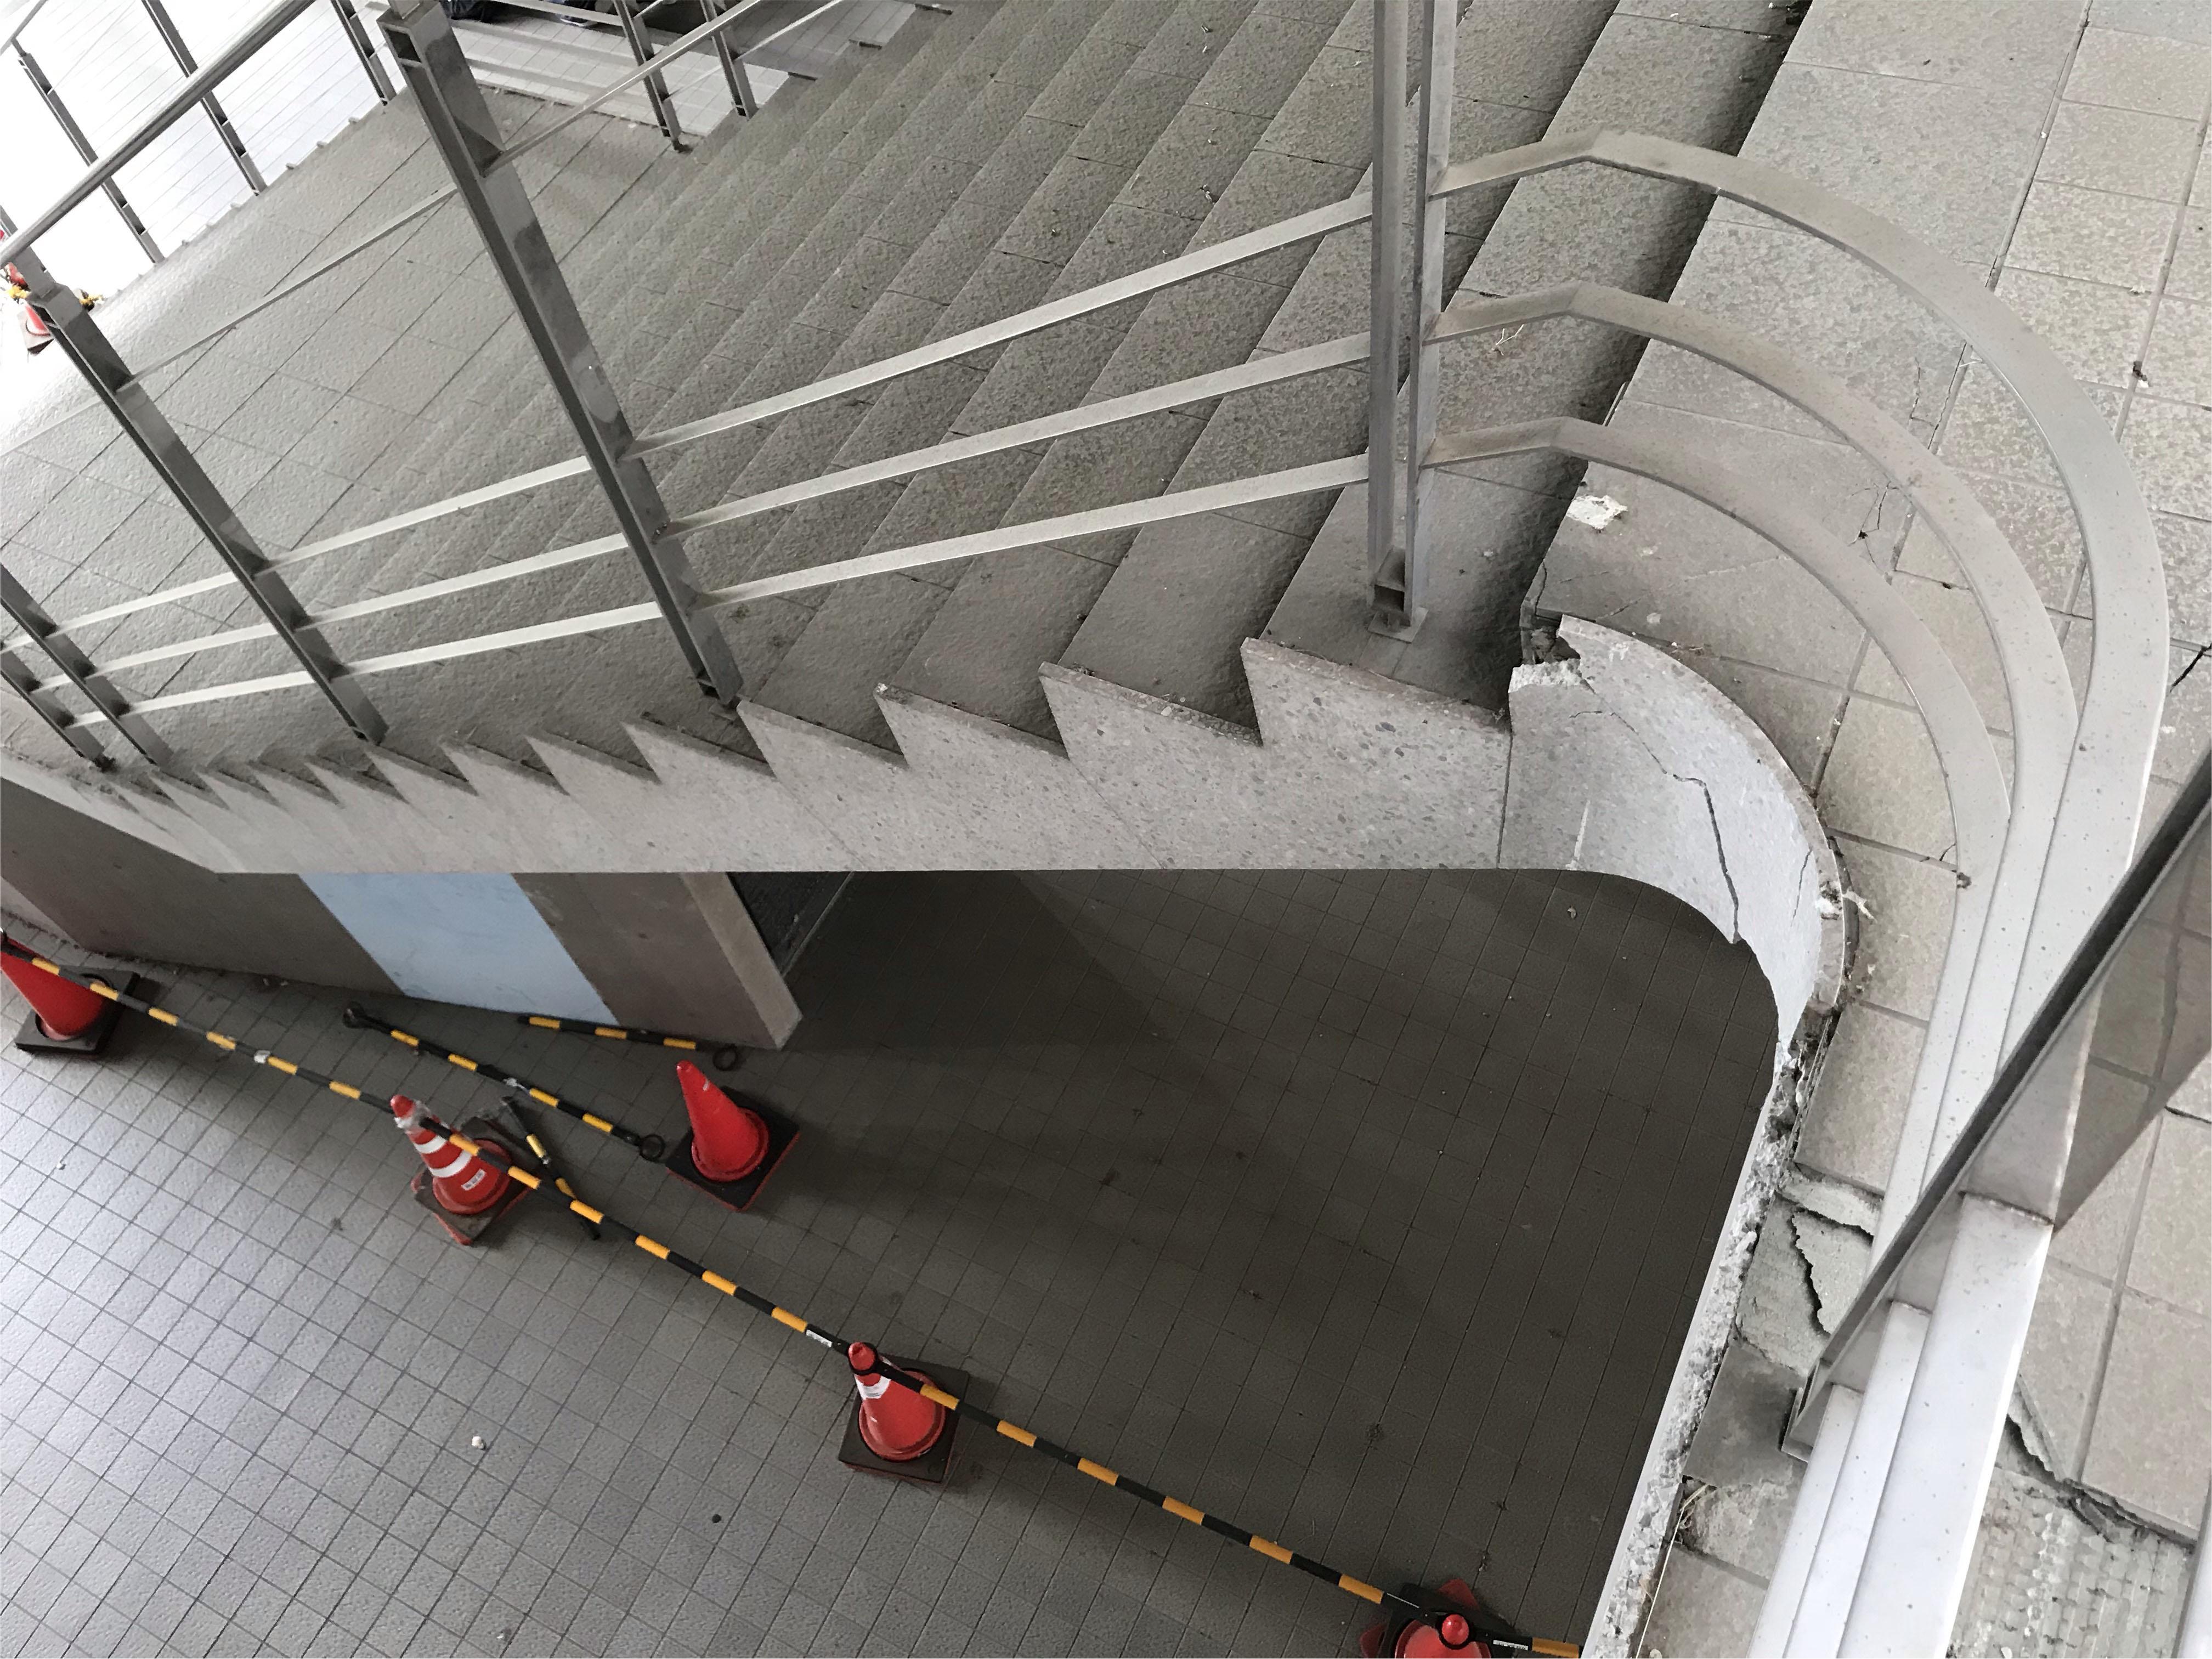 修理が進んでいない医学部棟の階段